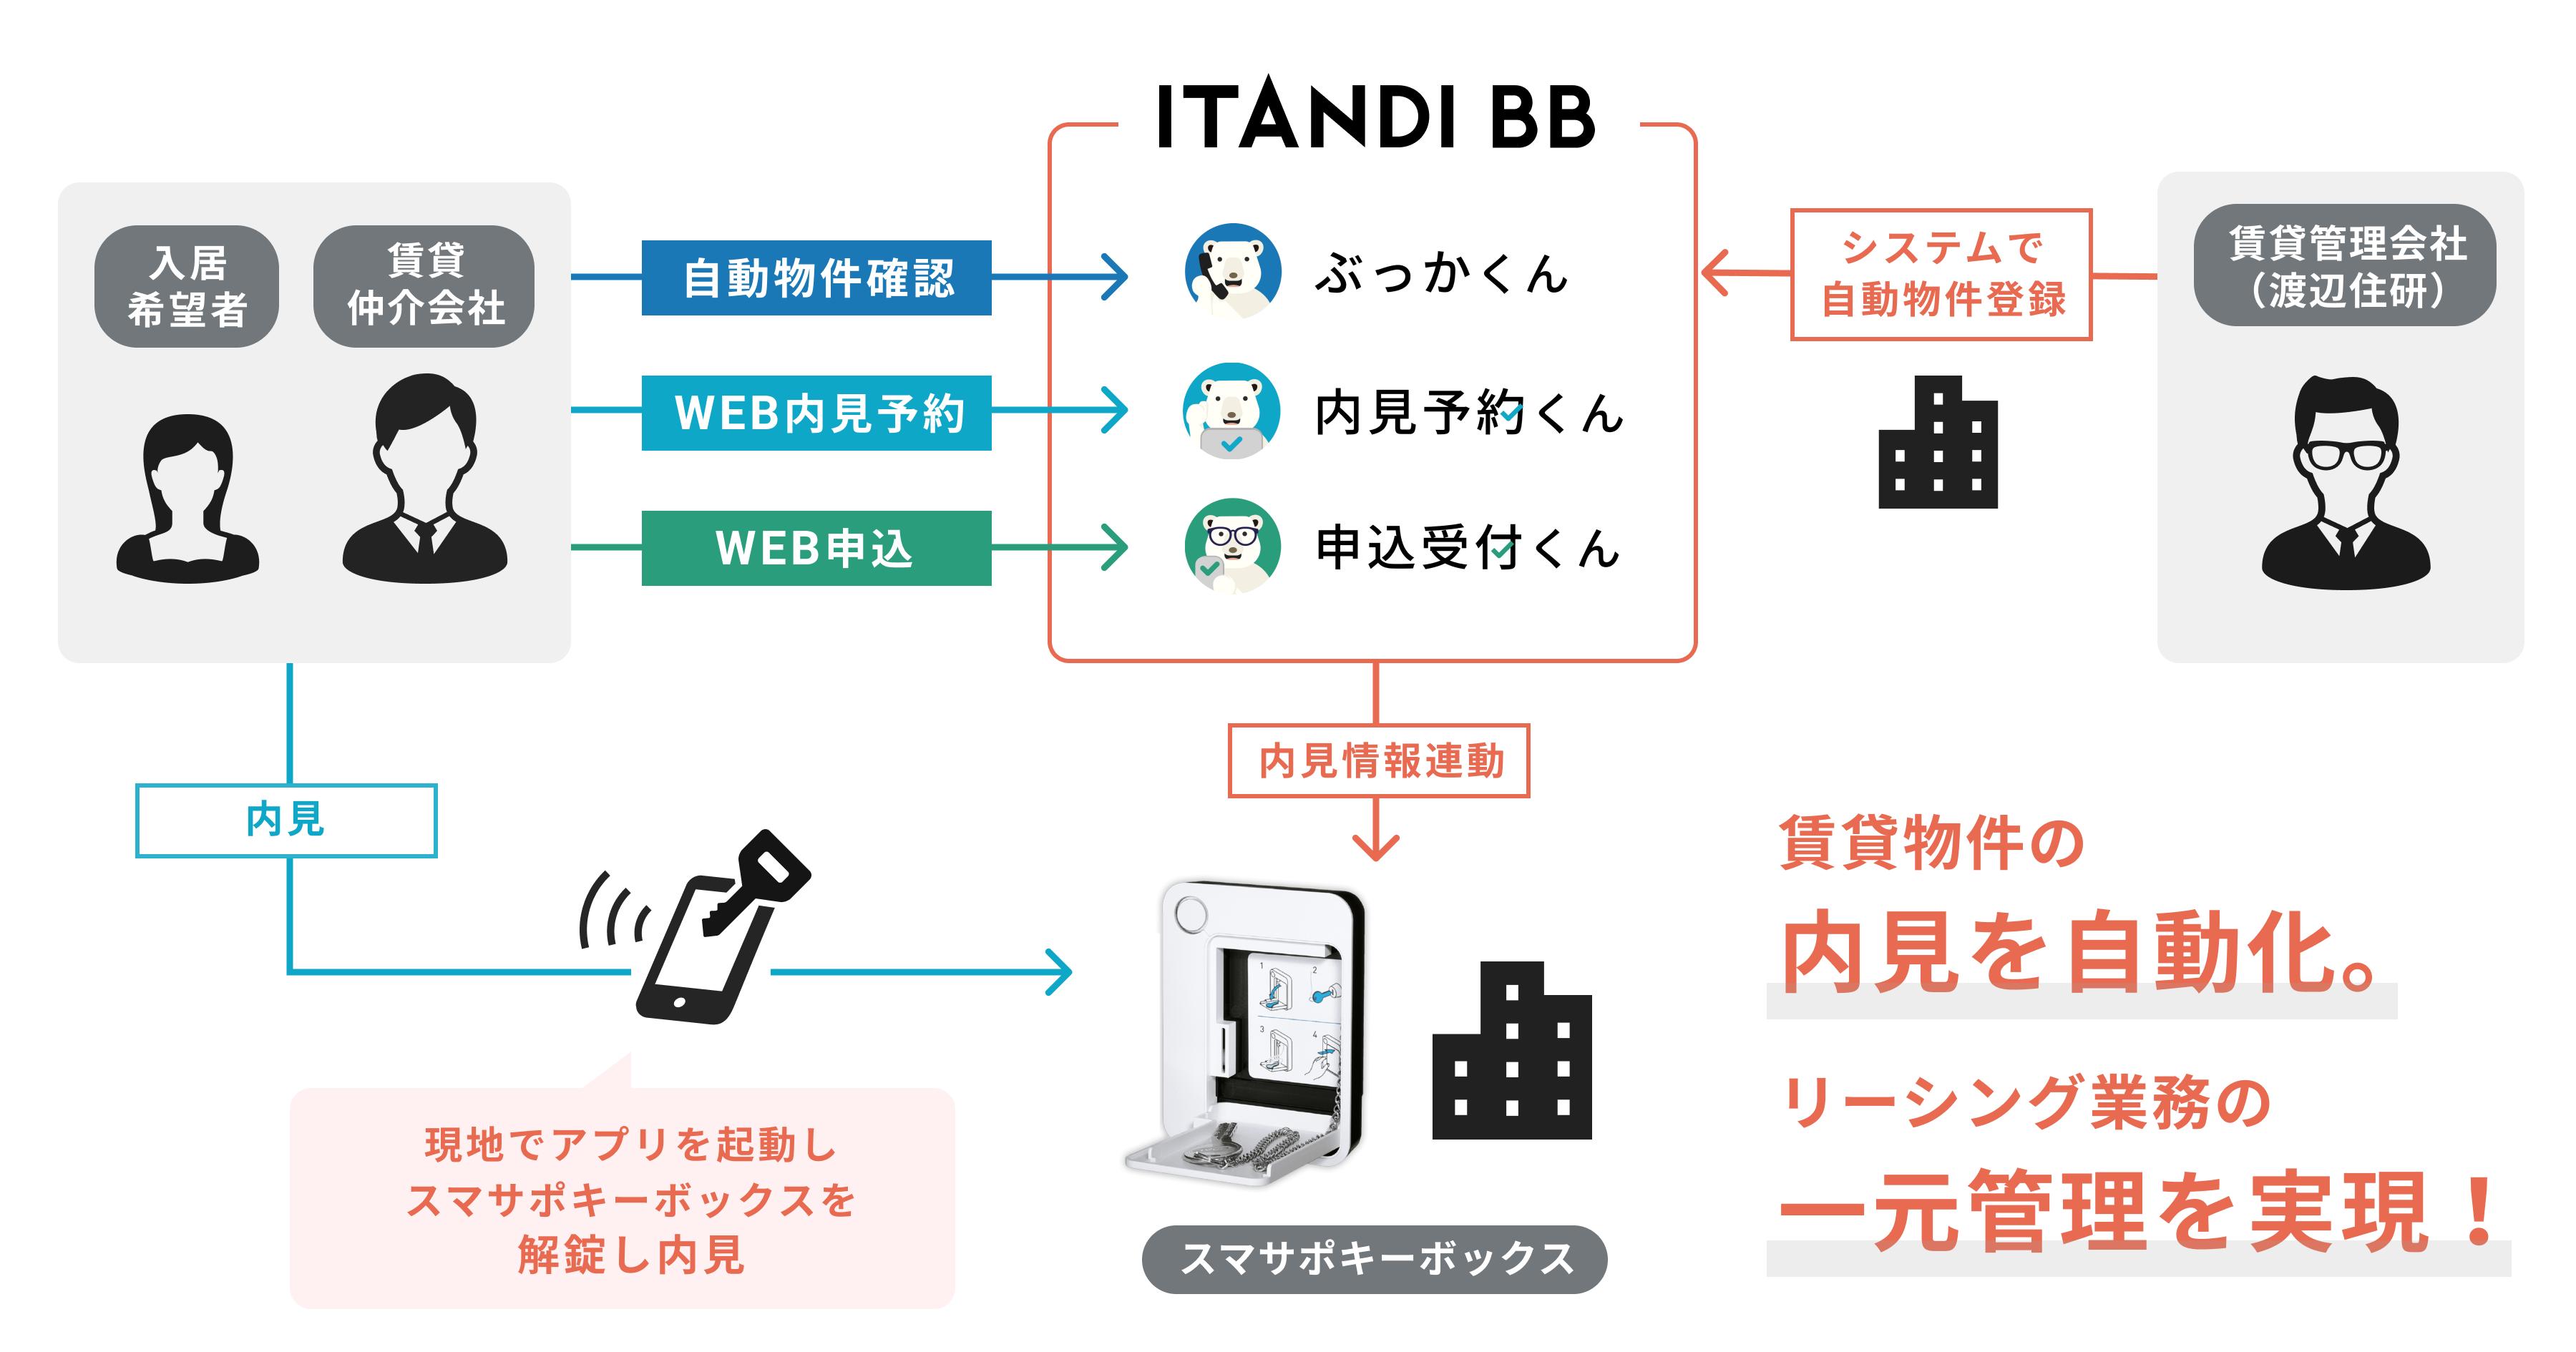 賃貸内見のため「ITANDI BB」と「スマサポキーボックス」を連携、渡辺住研で運用開始